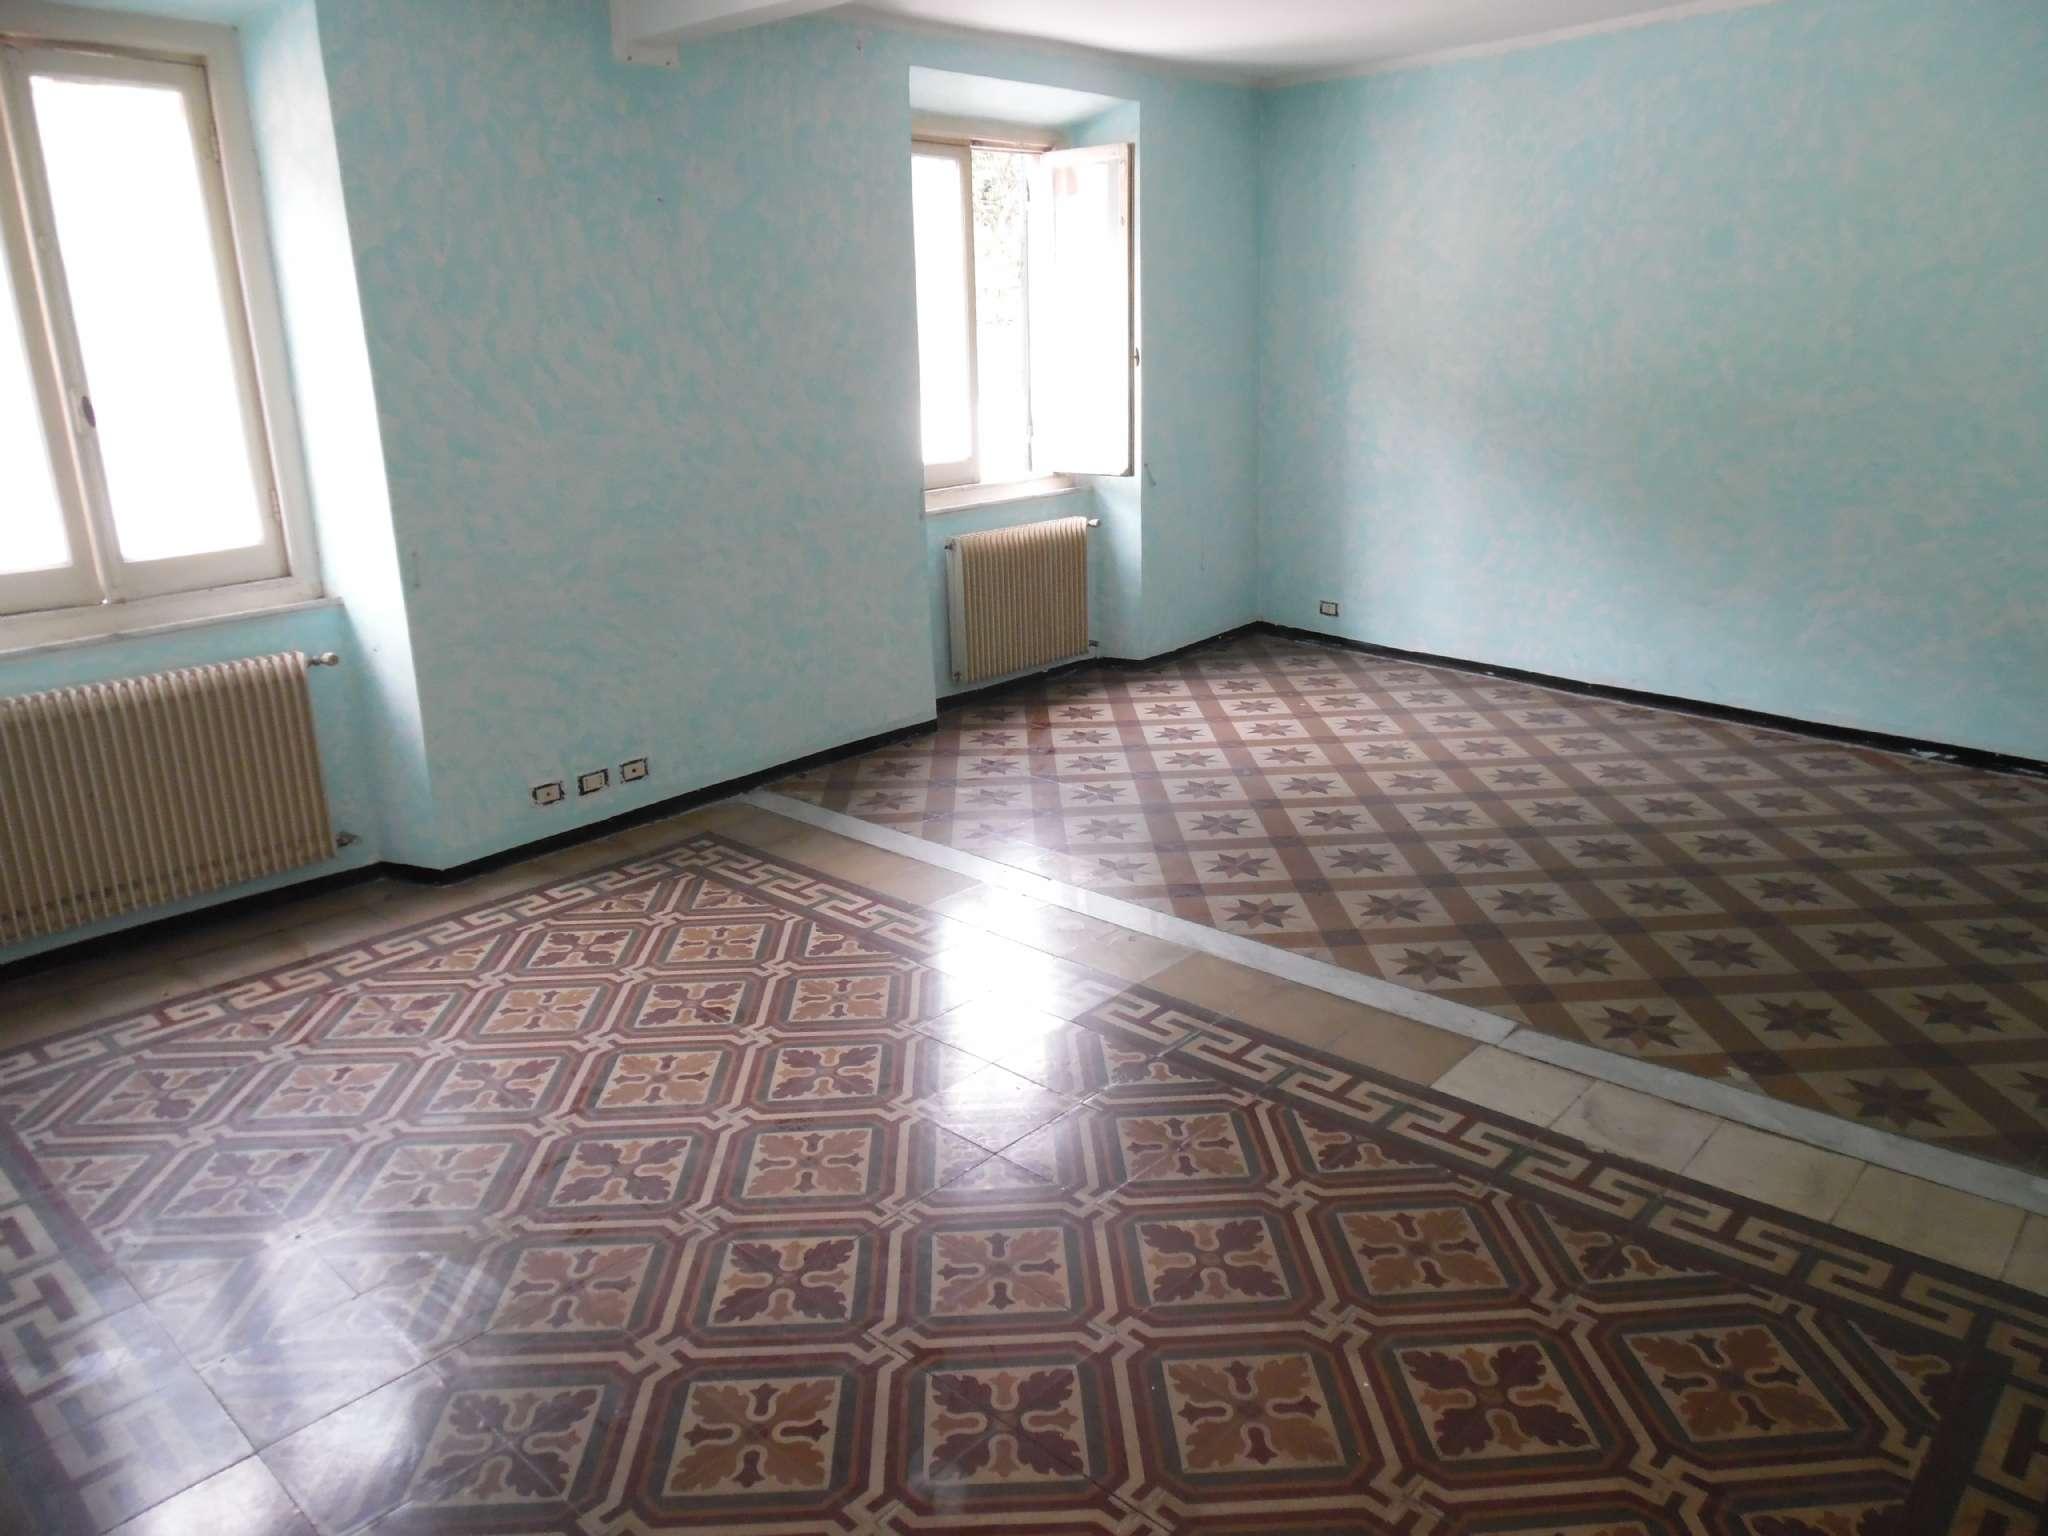 Mignanego, in piccola palazzina 7 vani con balcone e cantina